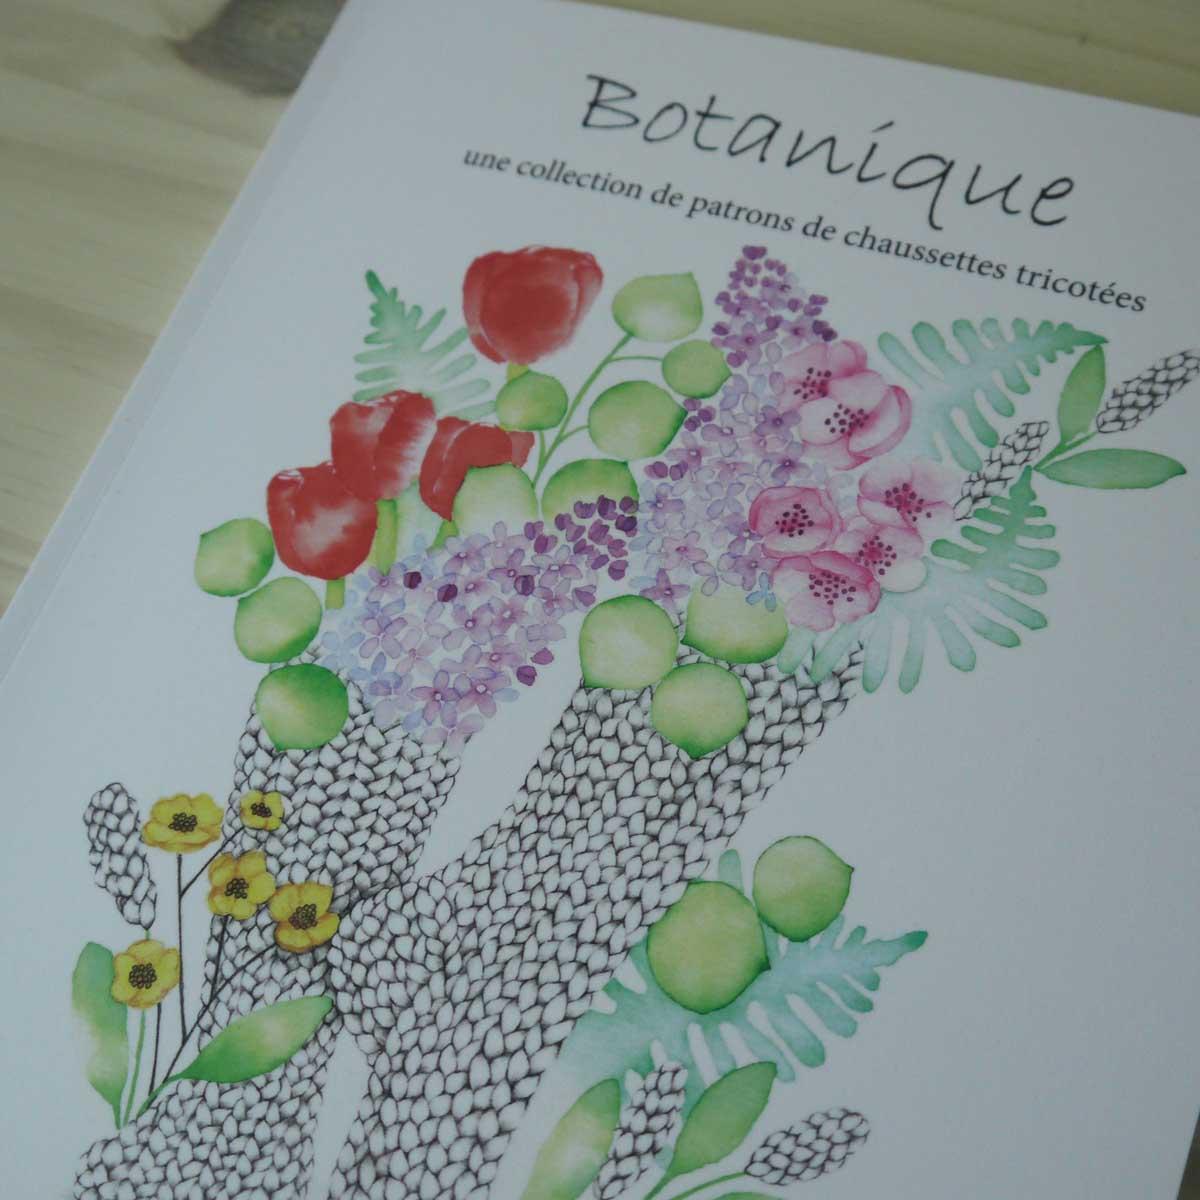 Botanique_01